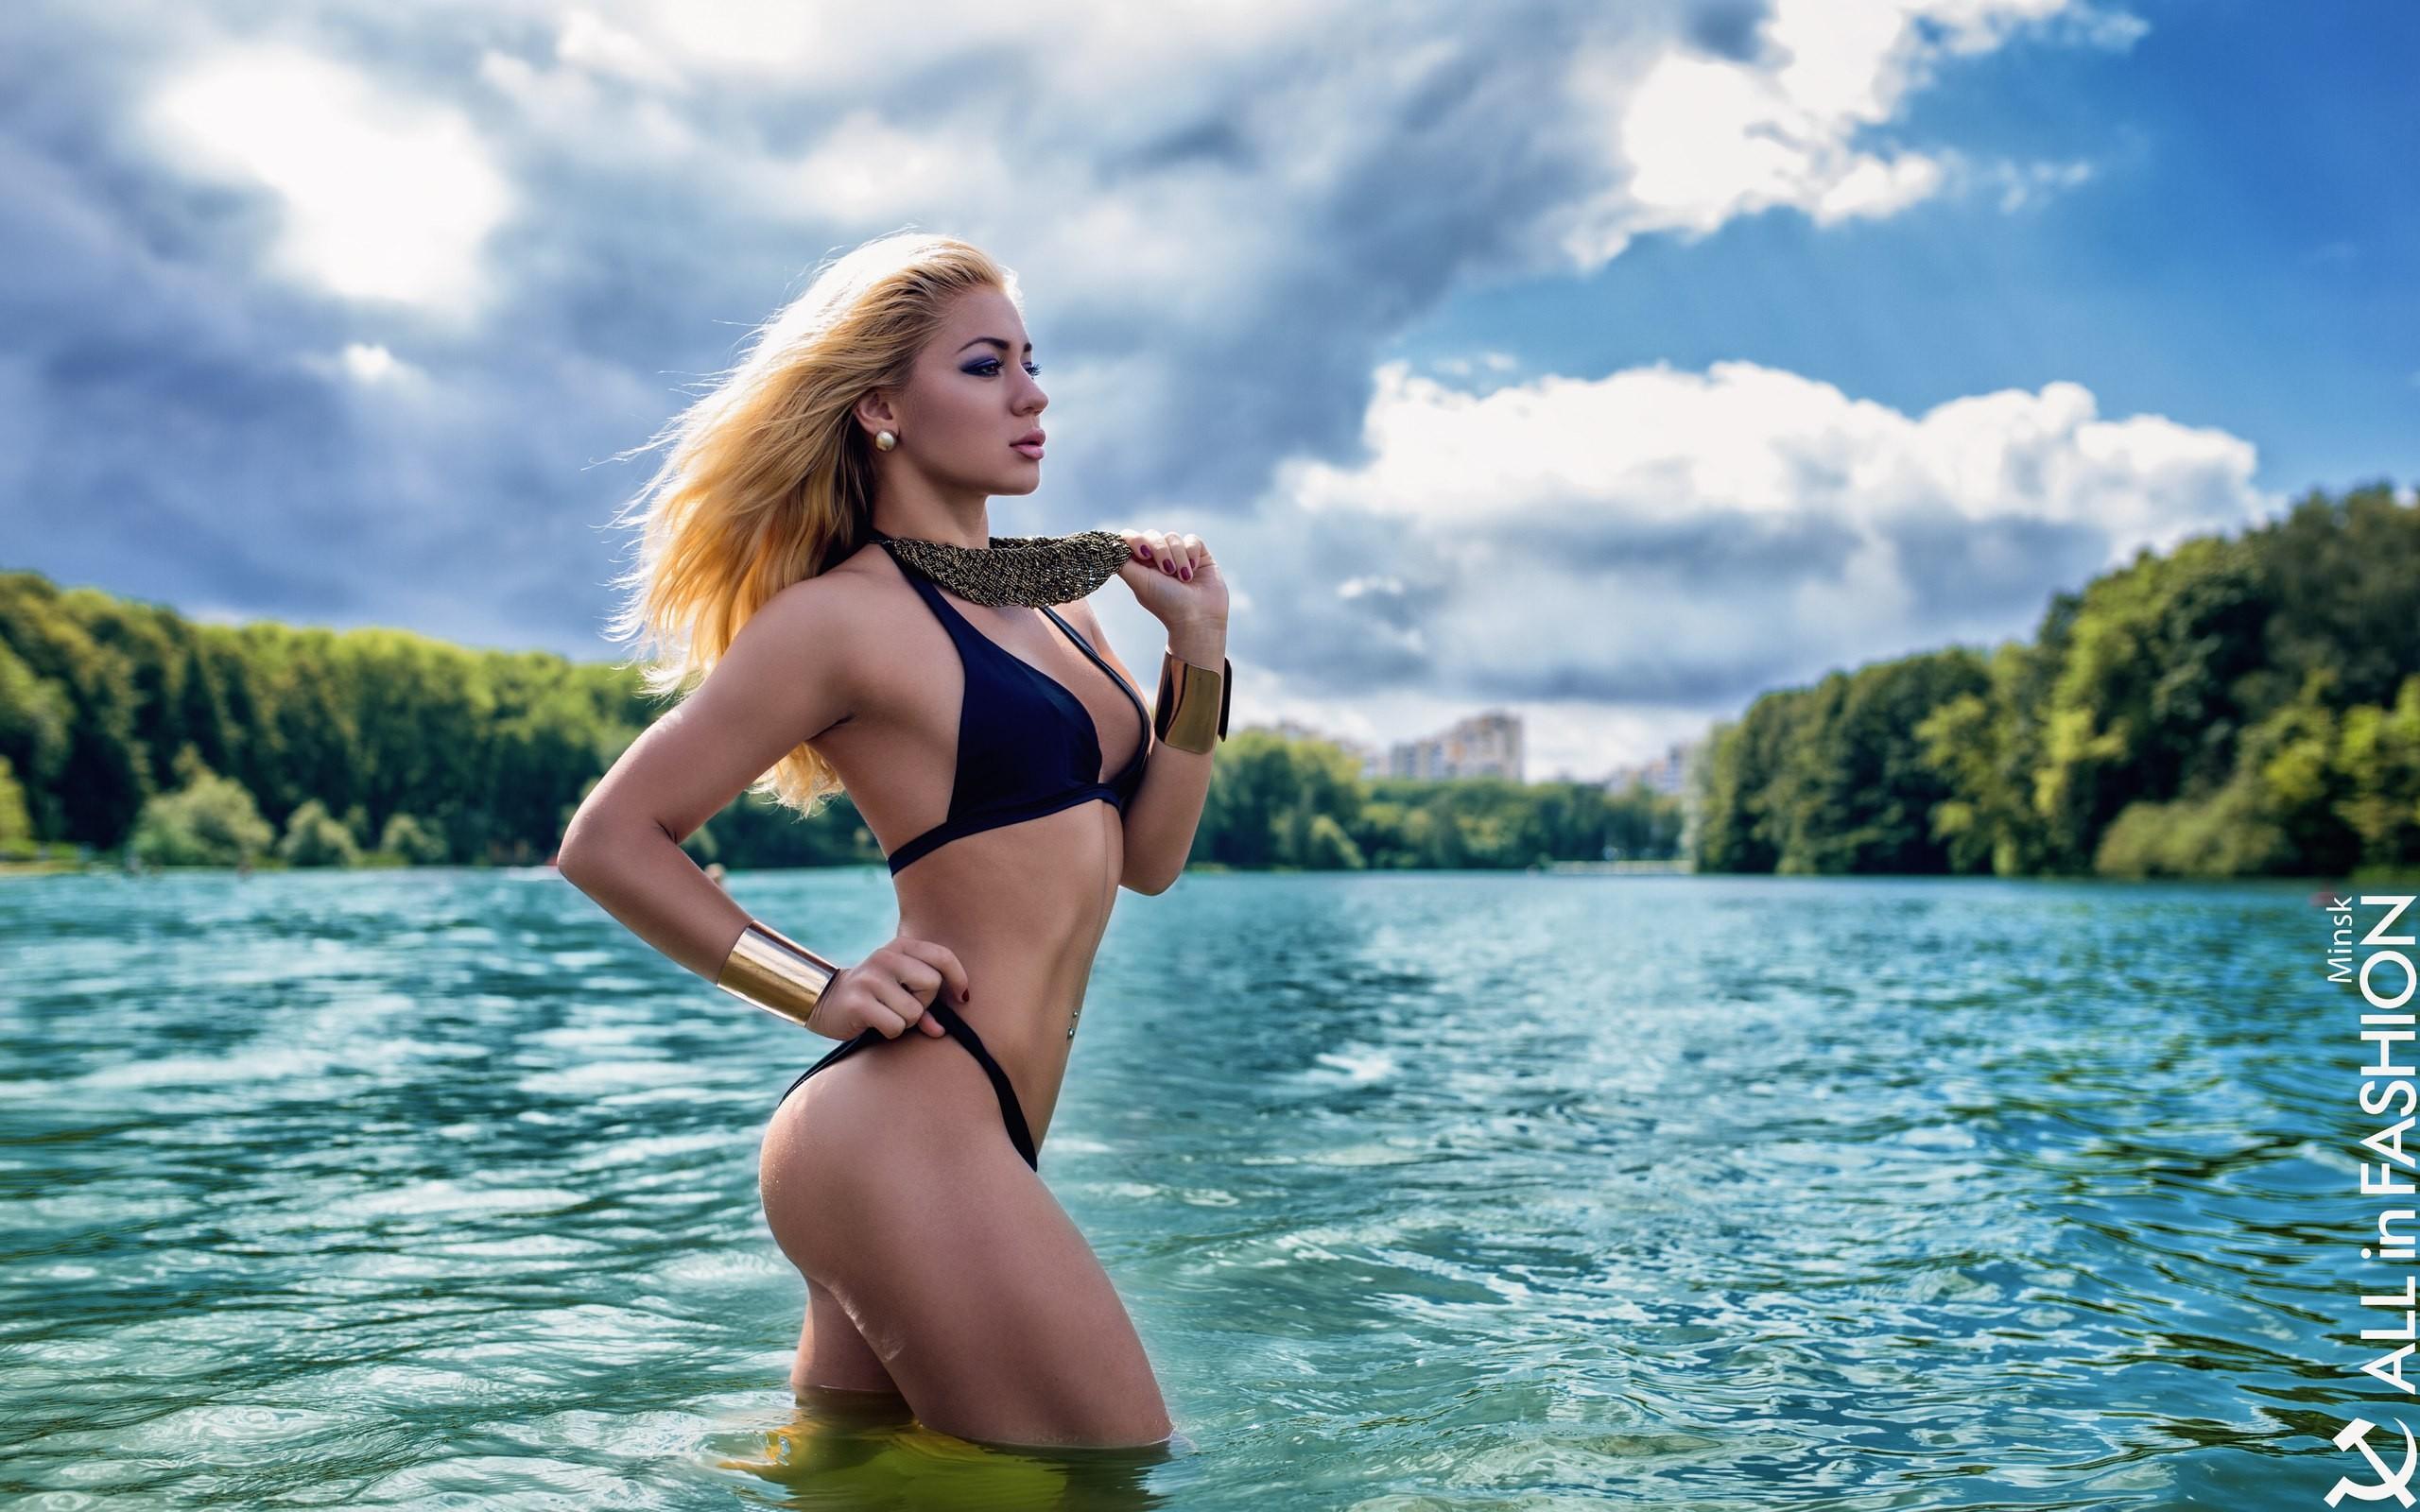 Секс девушки озеро, Русские семьи голые на озере -видео. Смотреть 9 фотография